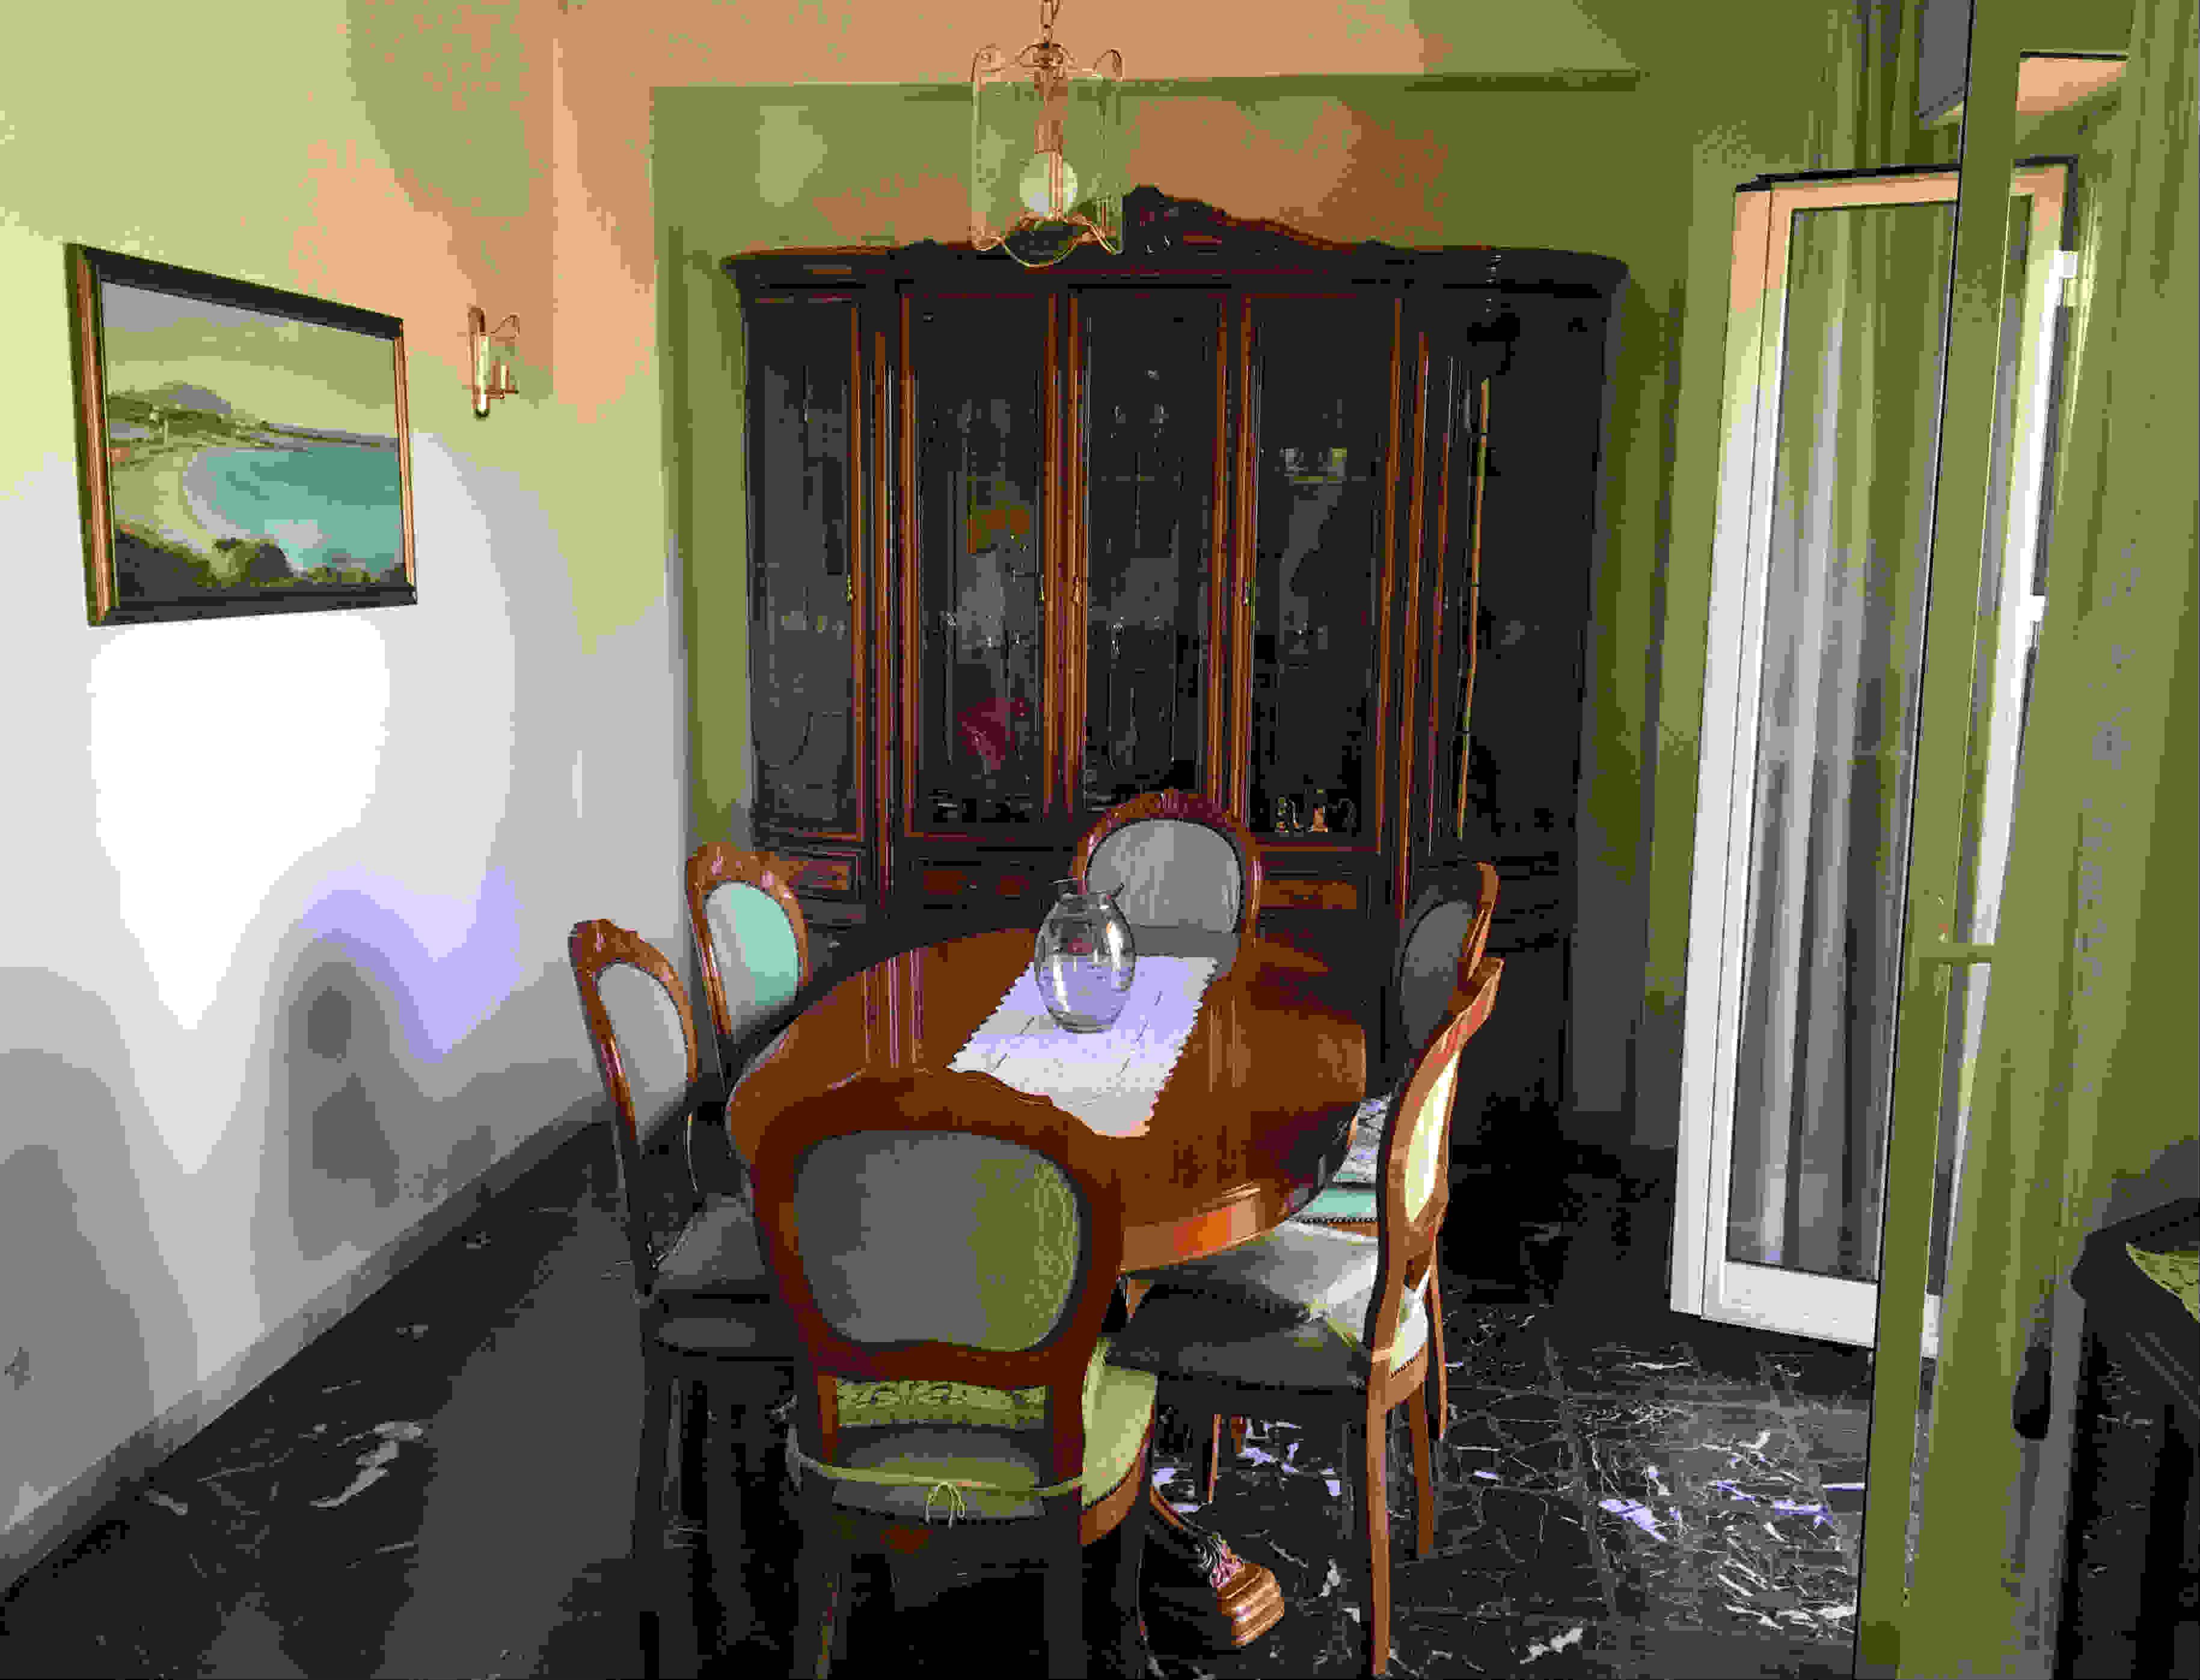 affitto casa vacanze mare olbia 8721 (20180608160619-2018-56234-NDP.JPG)